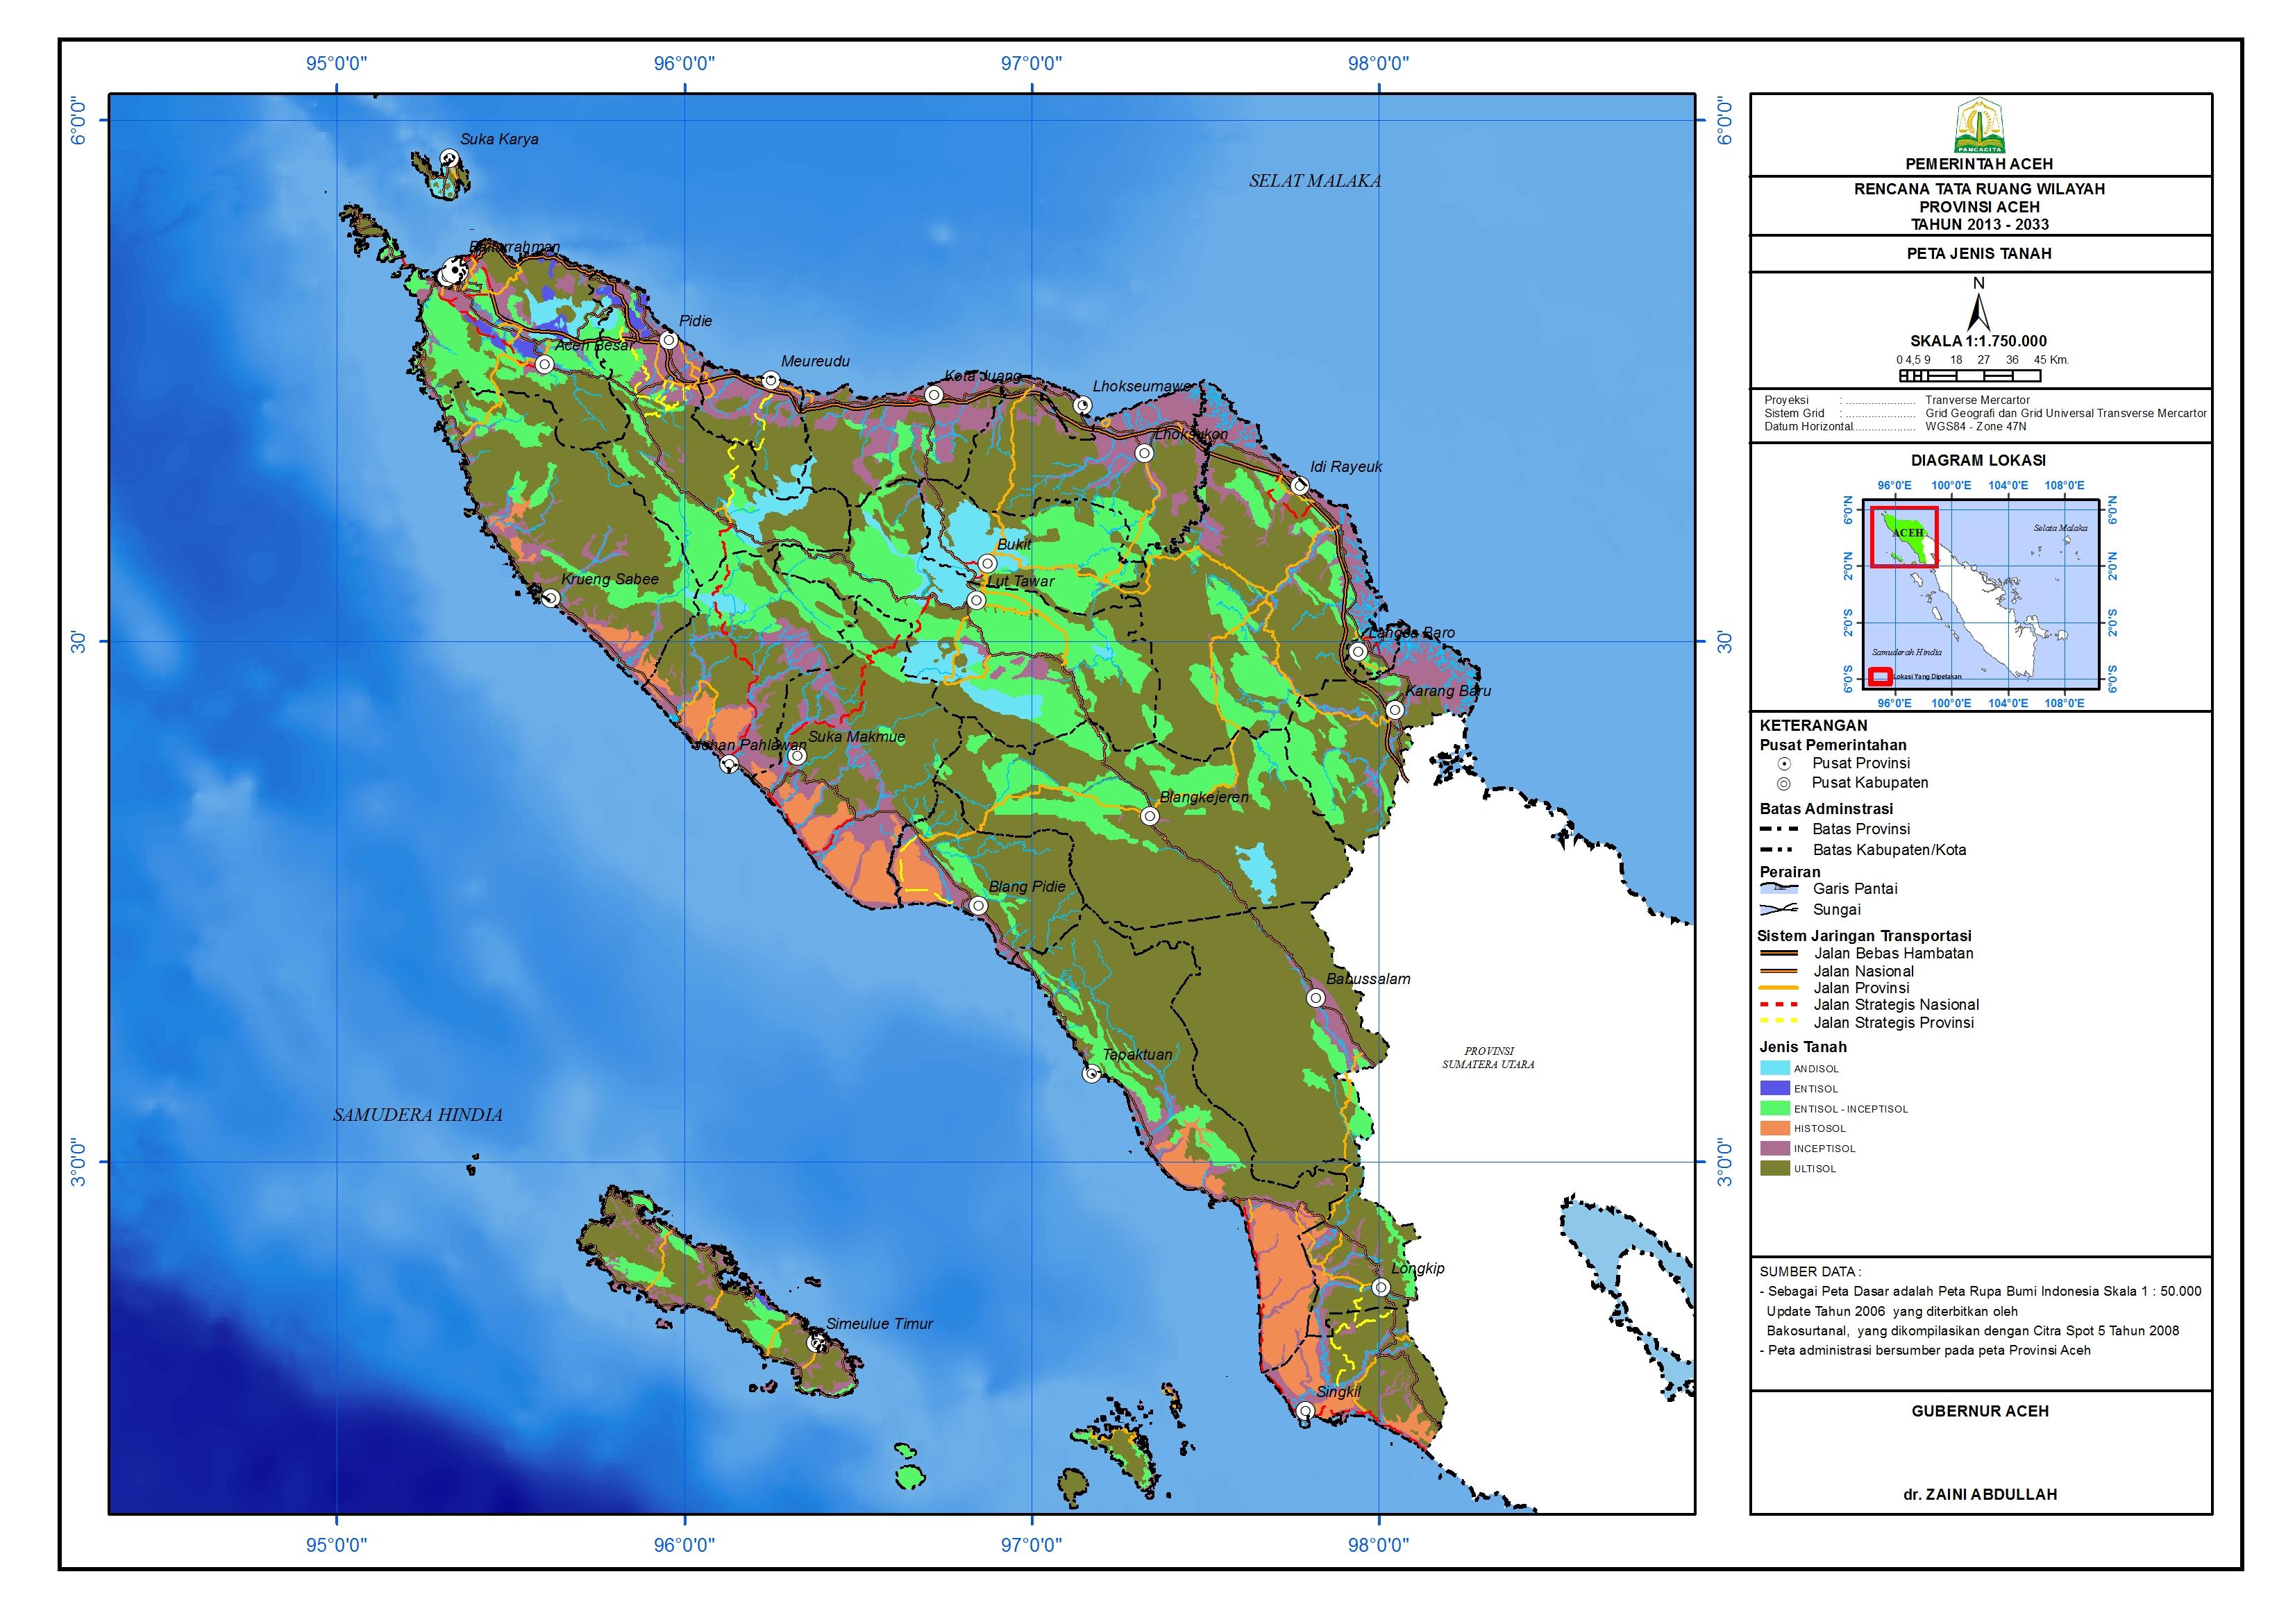 peta-jenis-tanah